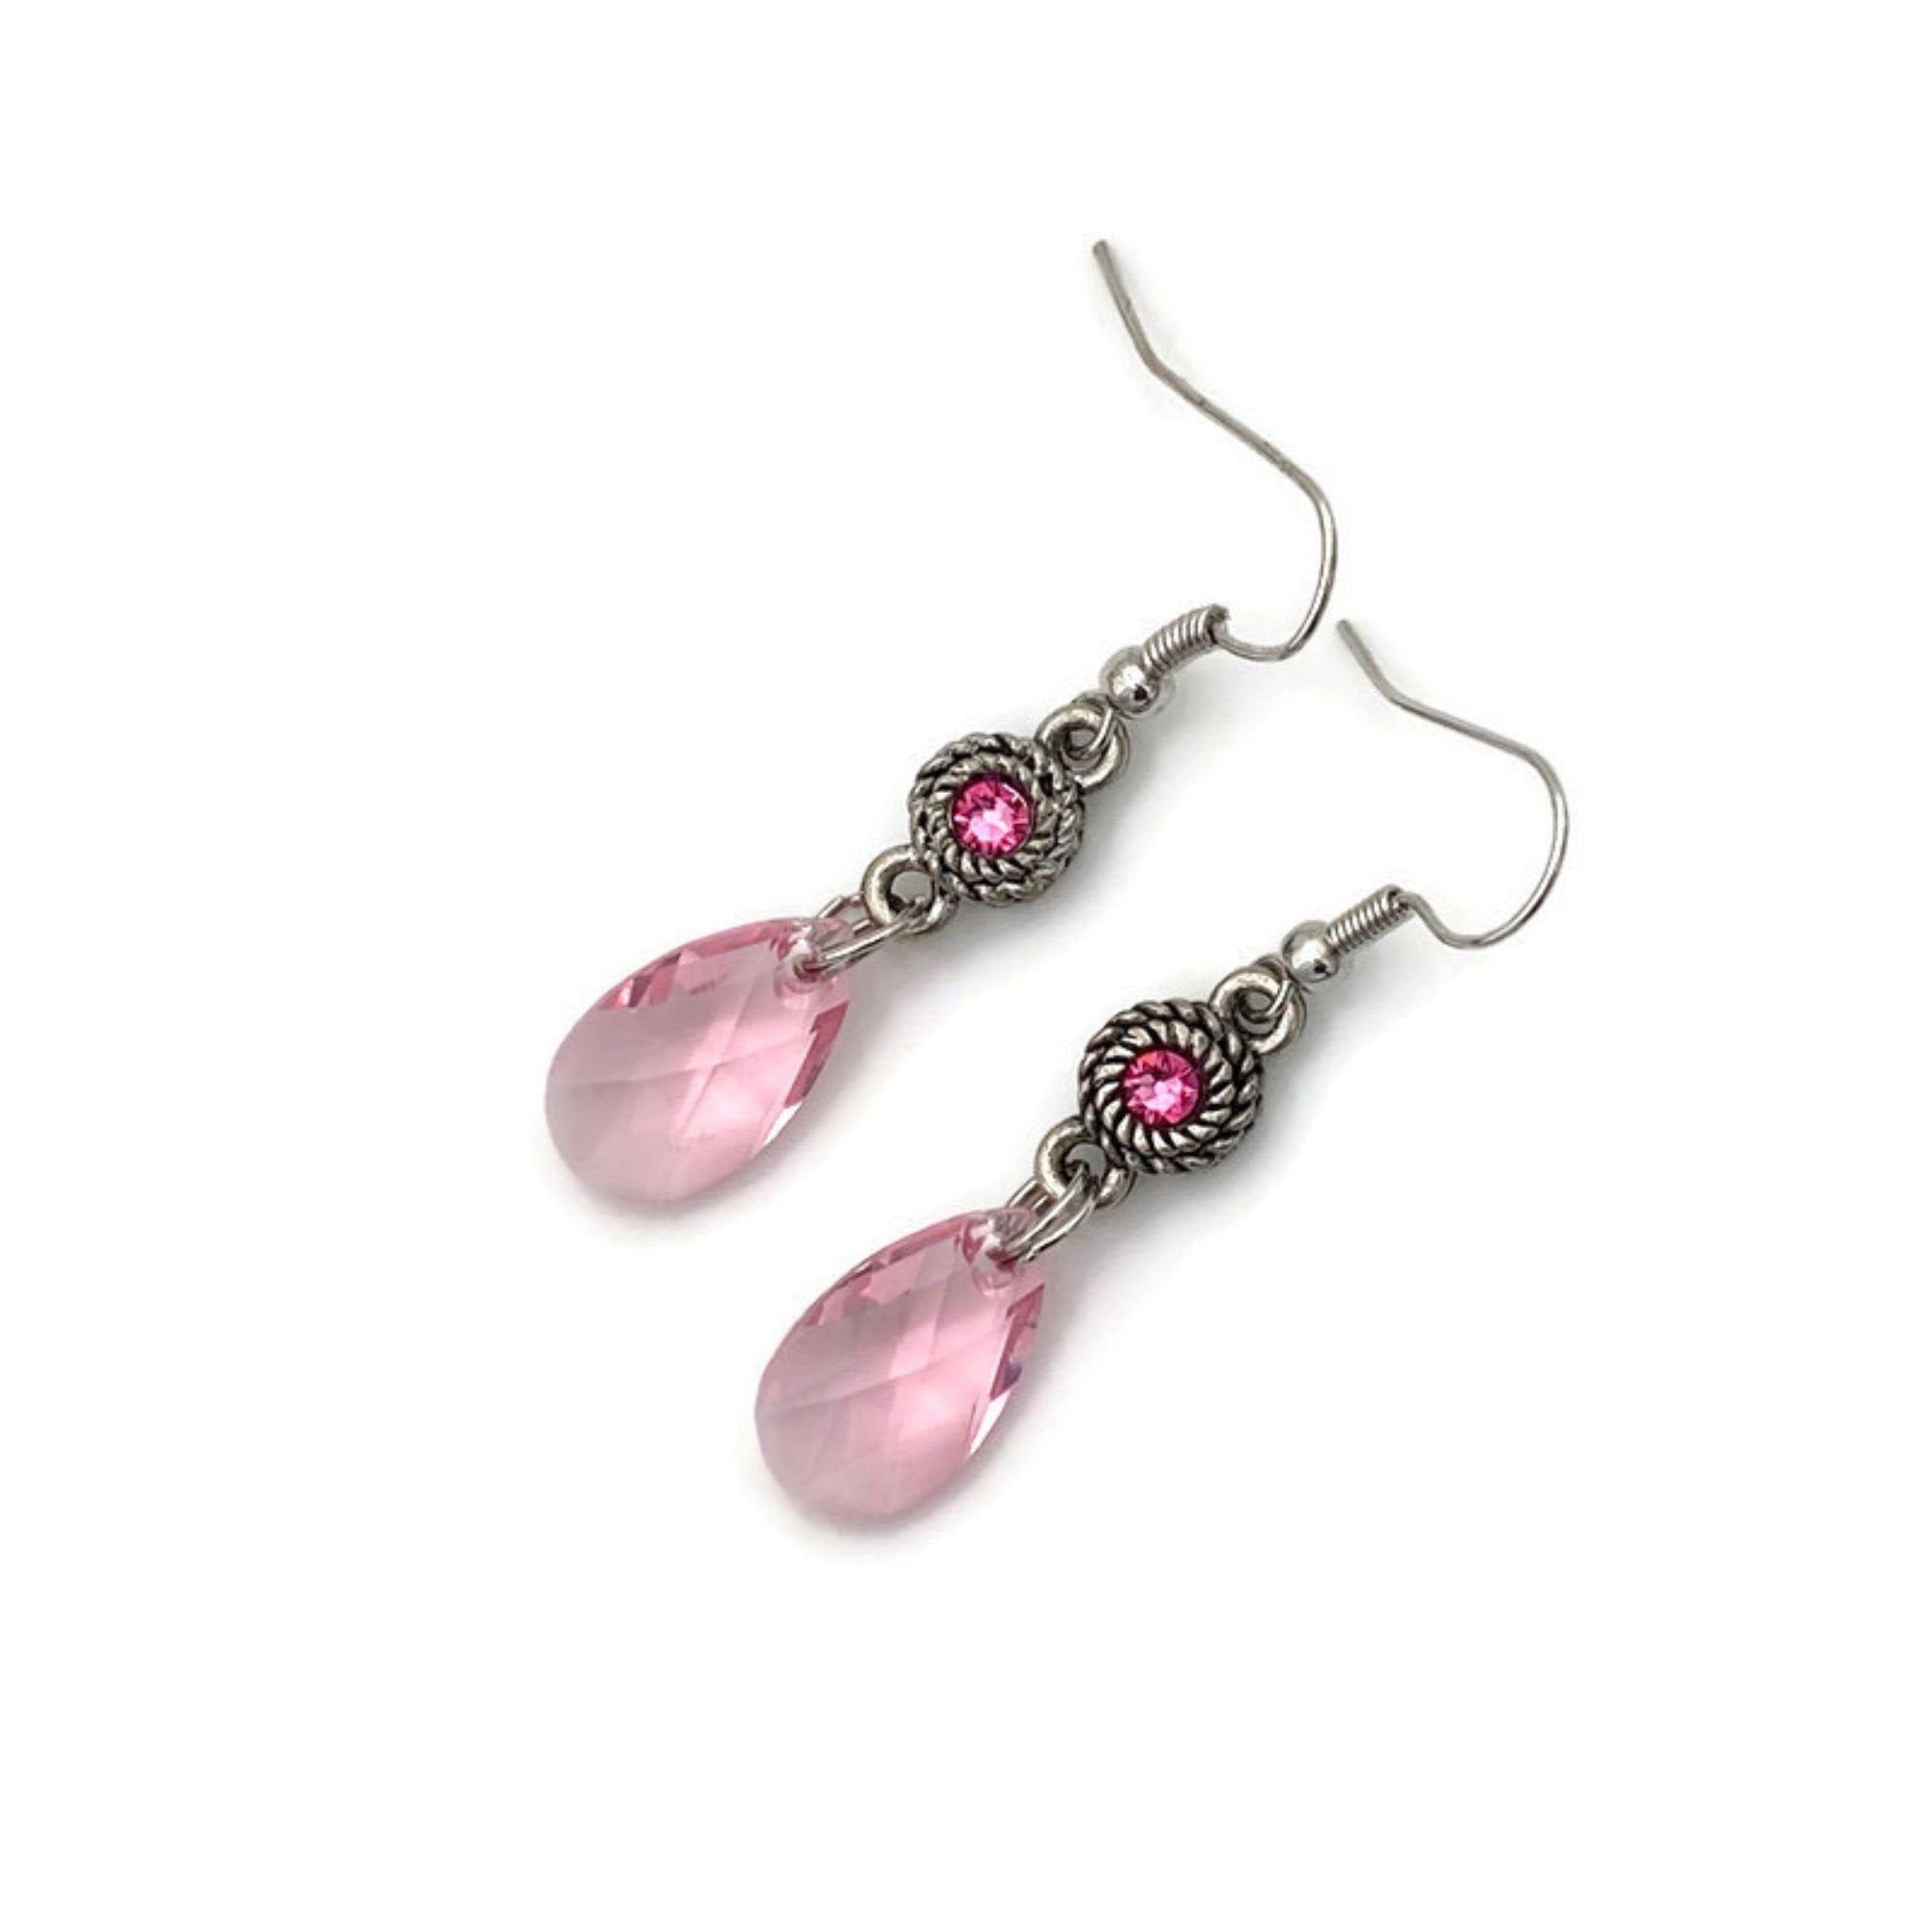 Pink Crystal Teardrop Earrings Mothers Day Gifts Drop Earrings